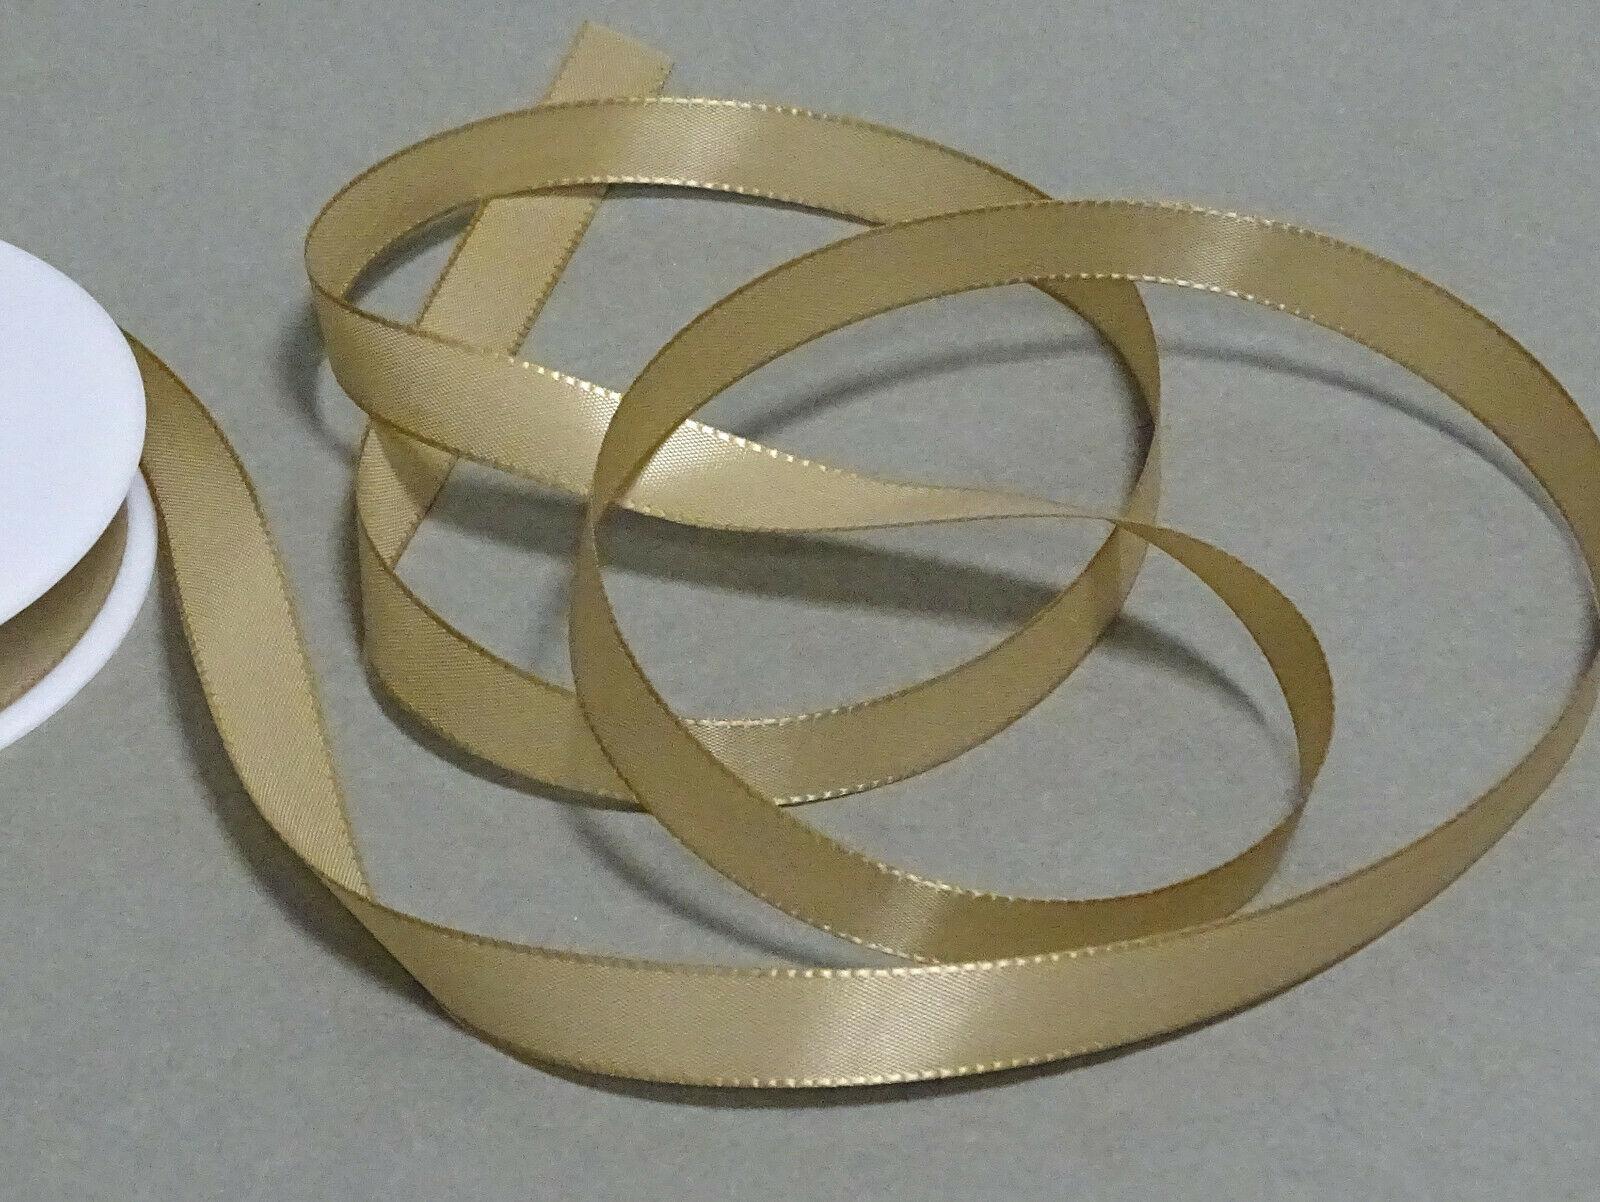 Seidenband Schleifenband 50 m x 15 mm / 40 mm Dekoband ab 0,08 €/m Geschenkband  - Cappuccino103, 15 mm x 50 m